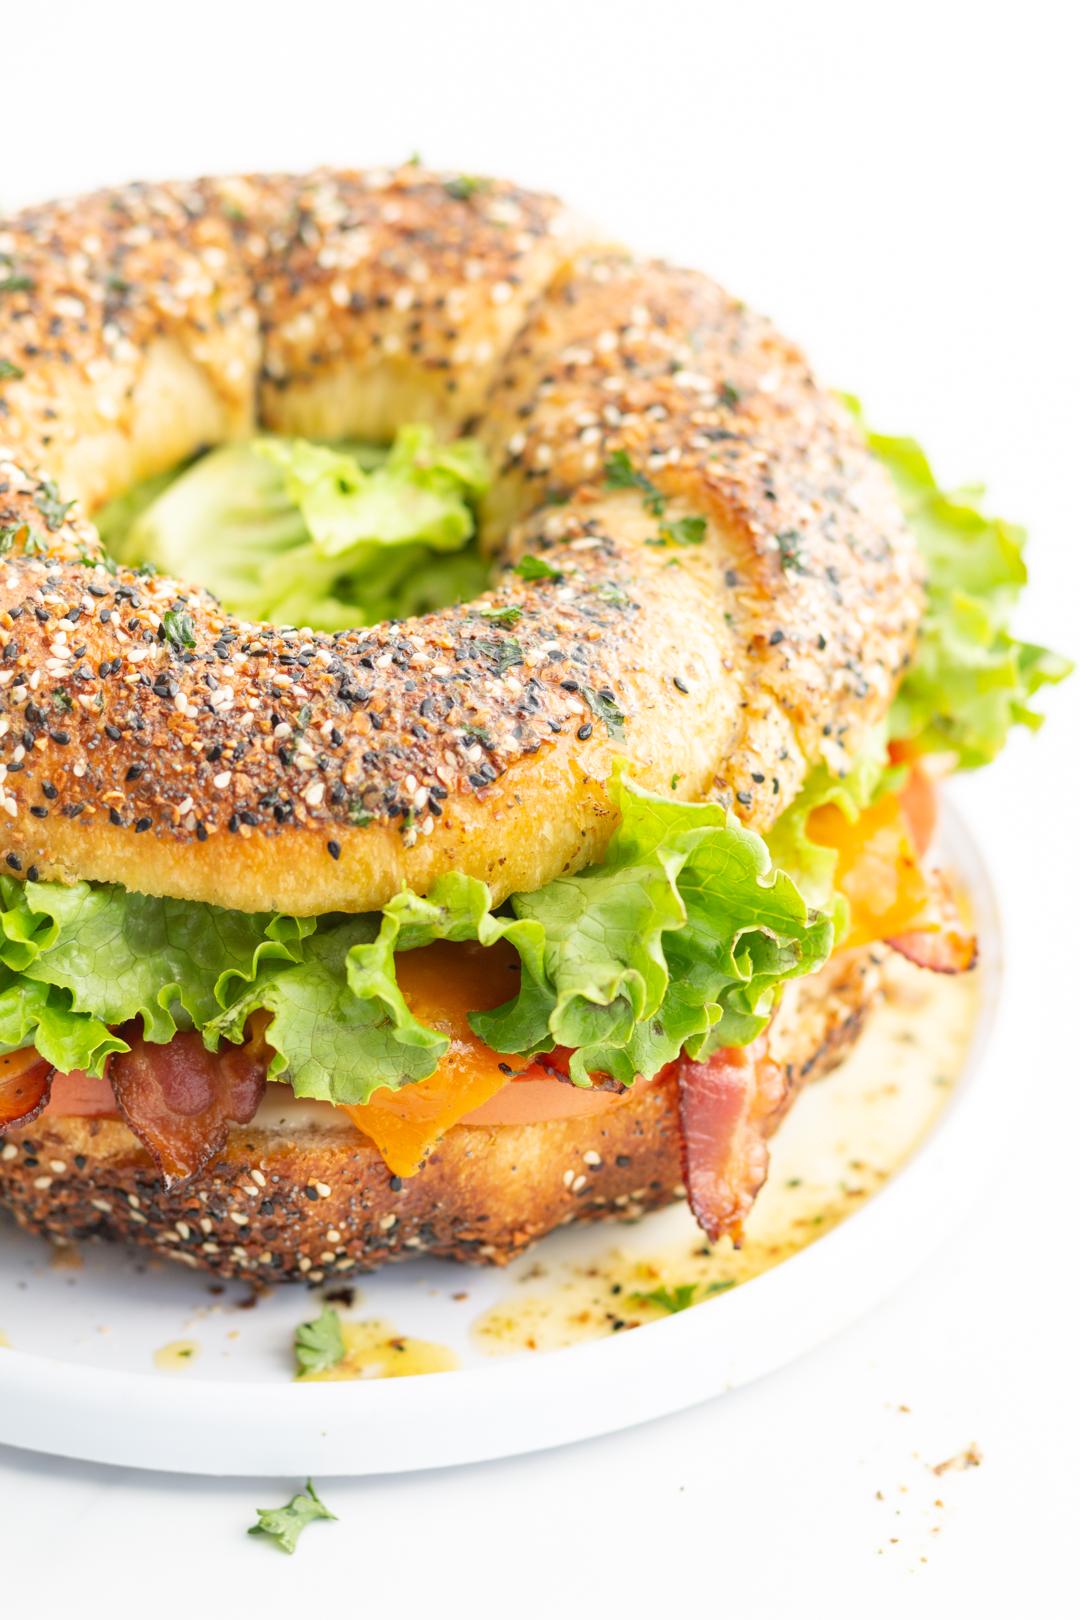 huge blt sandwich on bundt pan bread